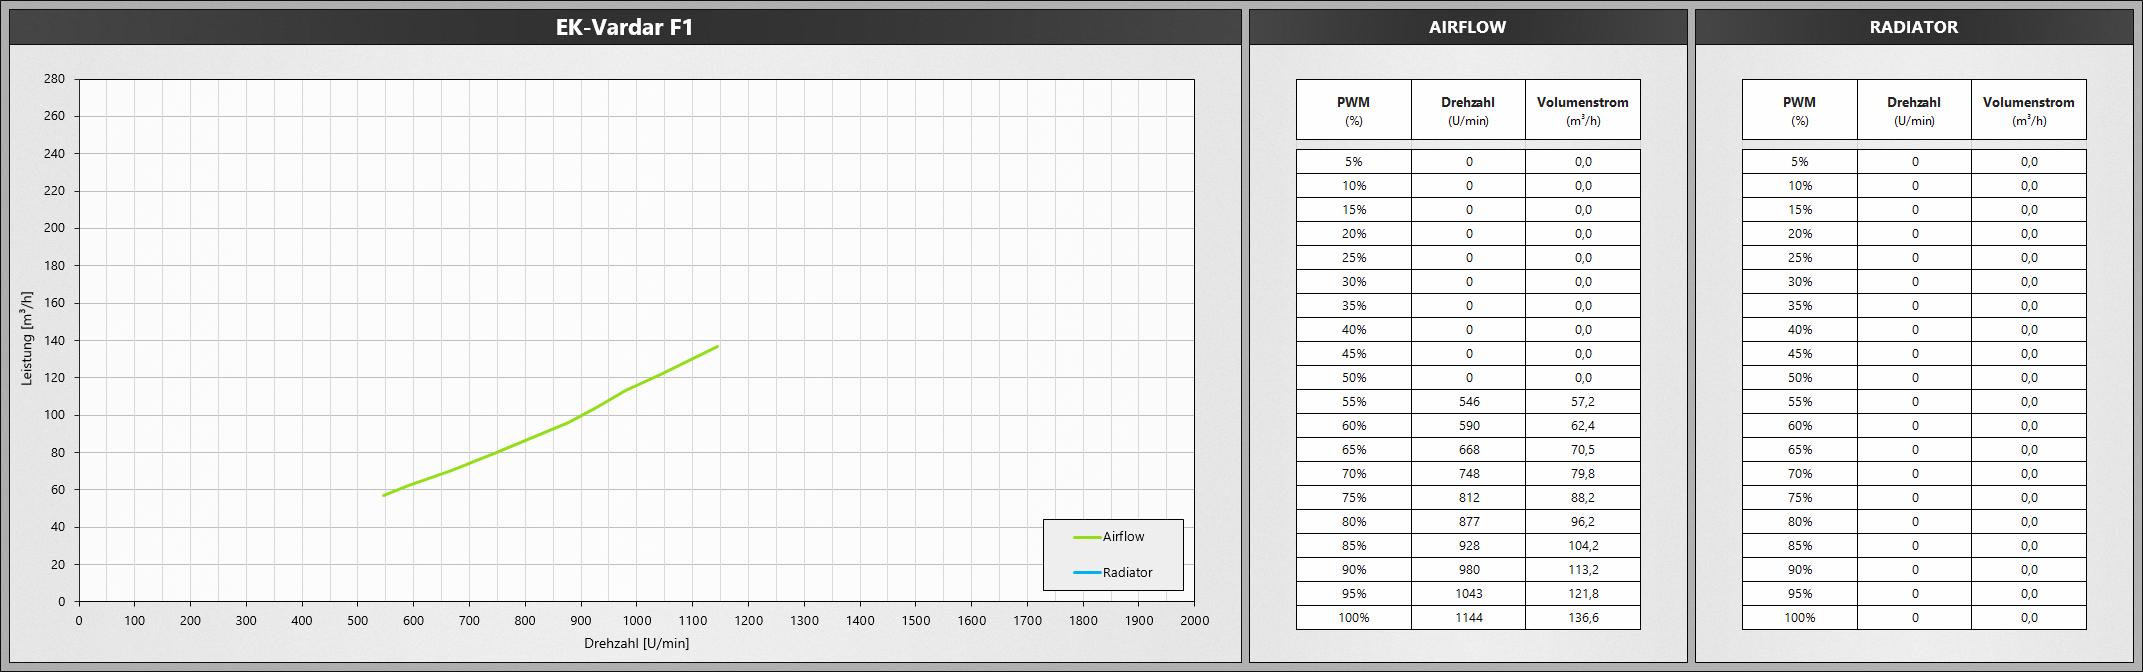 Klicken Sie auf die Grafik für eine größere Ansicht  Name:EKVardarF1.png Hits:662 Größe:459,3 KB ID:1074757